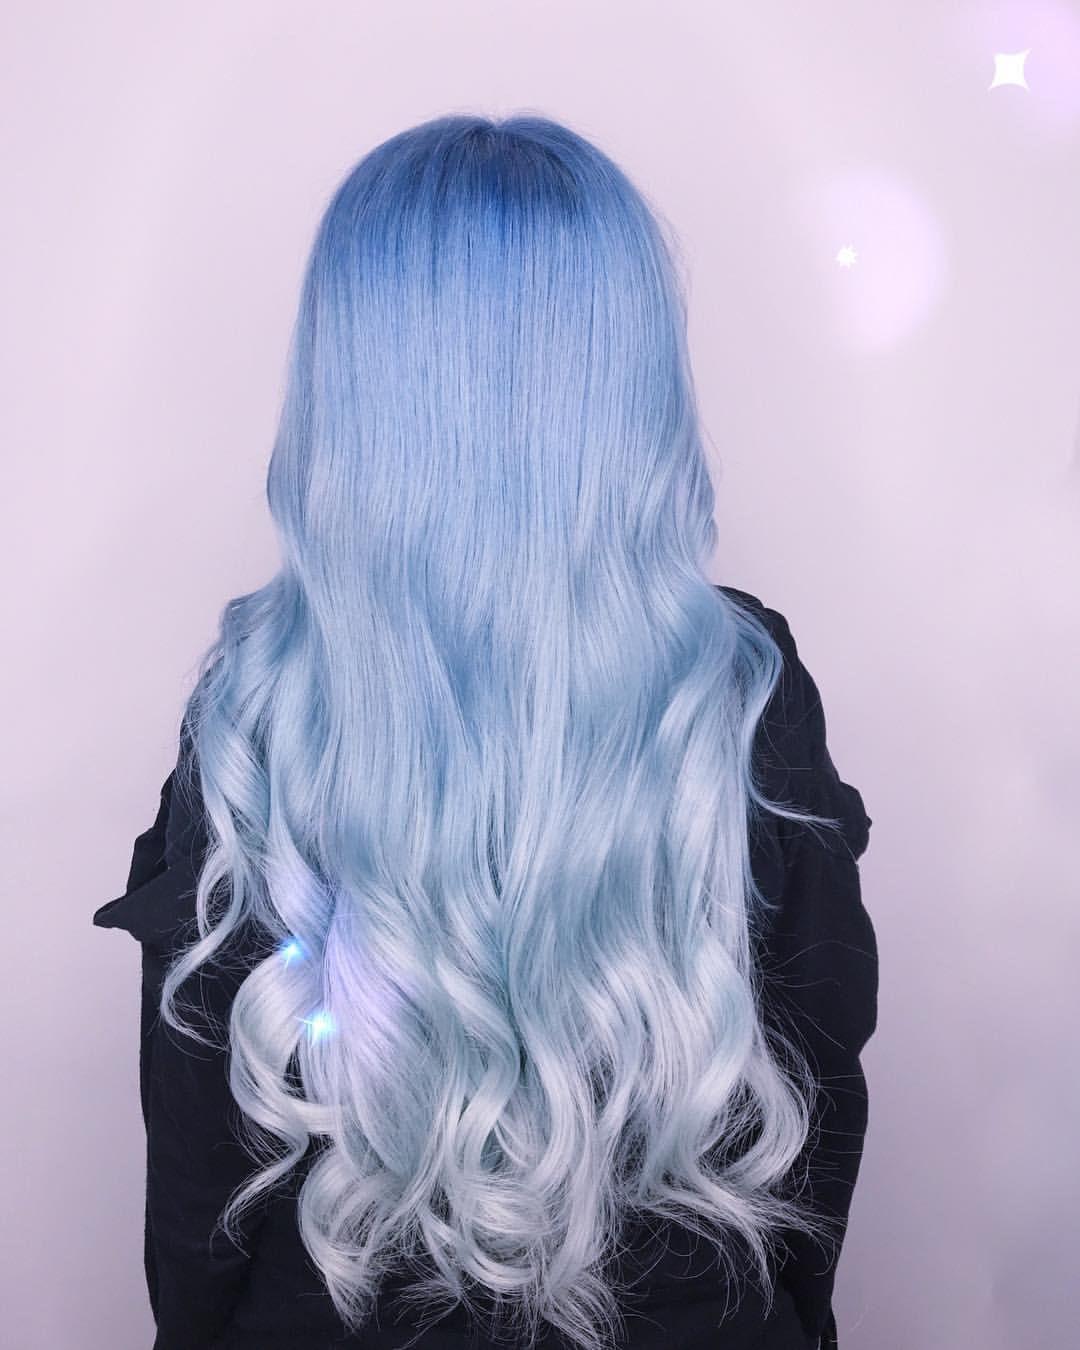 Pin By Jamie Meneses On Cute Hairstyles Arctic Fox Hair Color Fox Hair Dye Periwinkle Hair